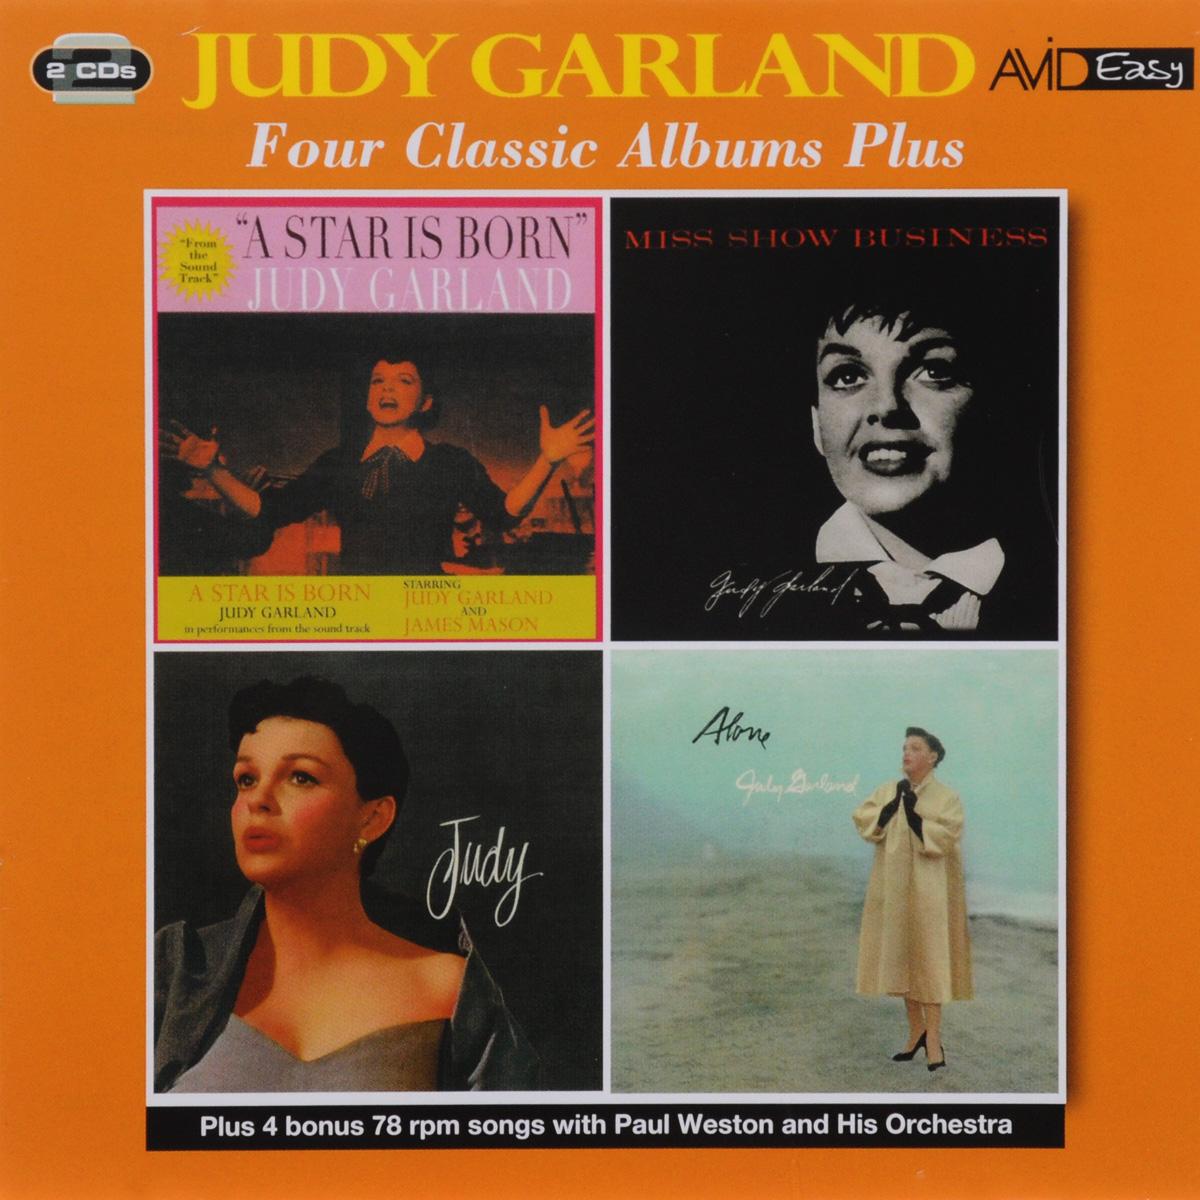 Джуди Гарланд Judy Garland. Four Classic Albums (2 CD) каунт бэйси count basie four classic albums plus 2 cd